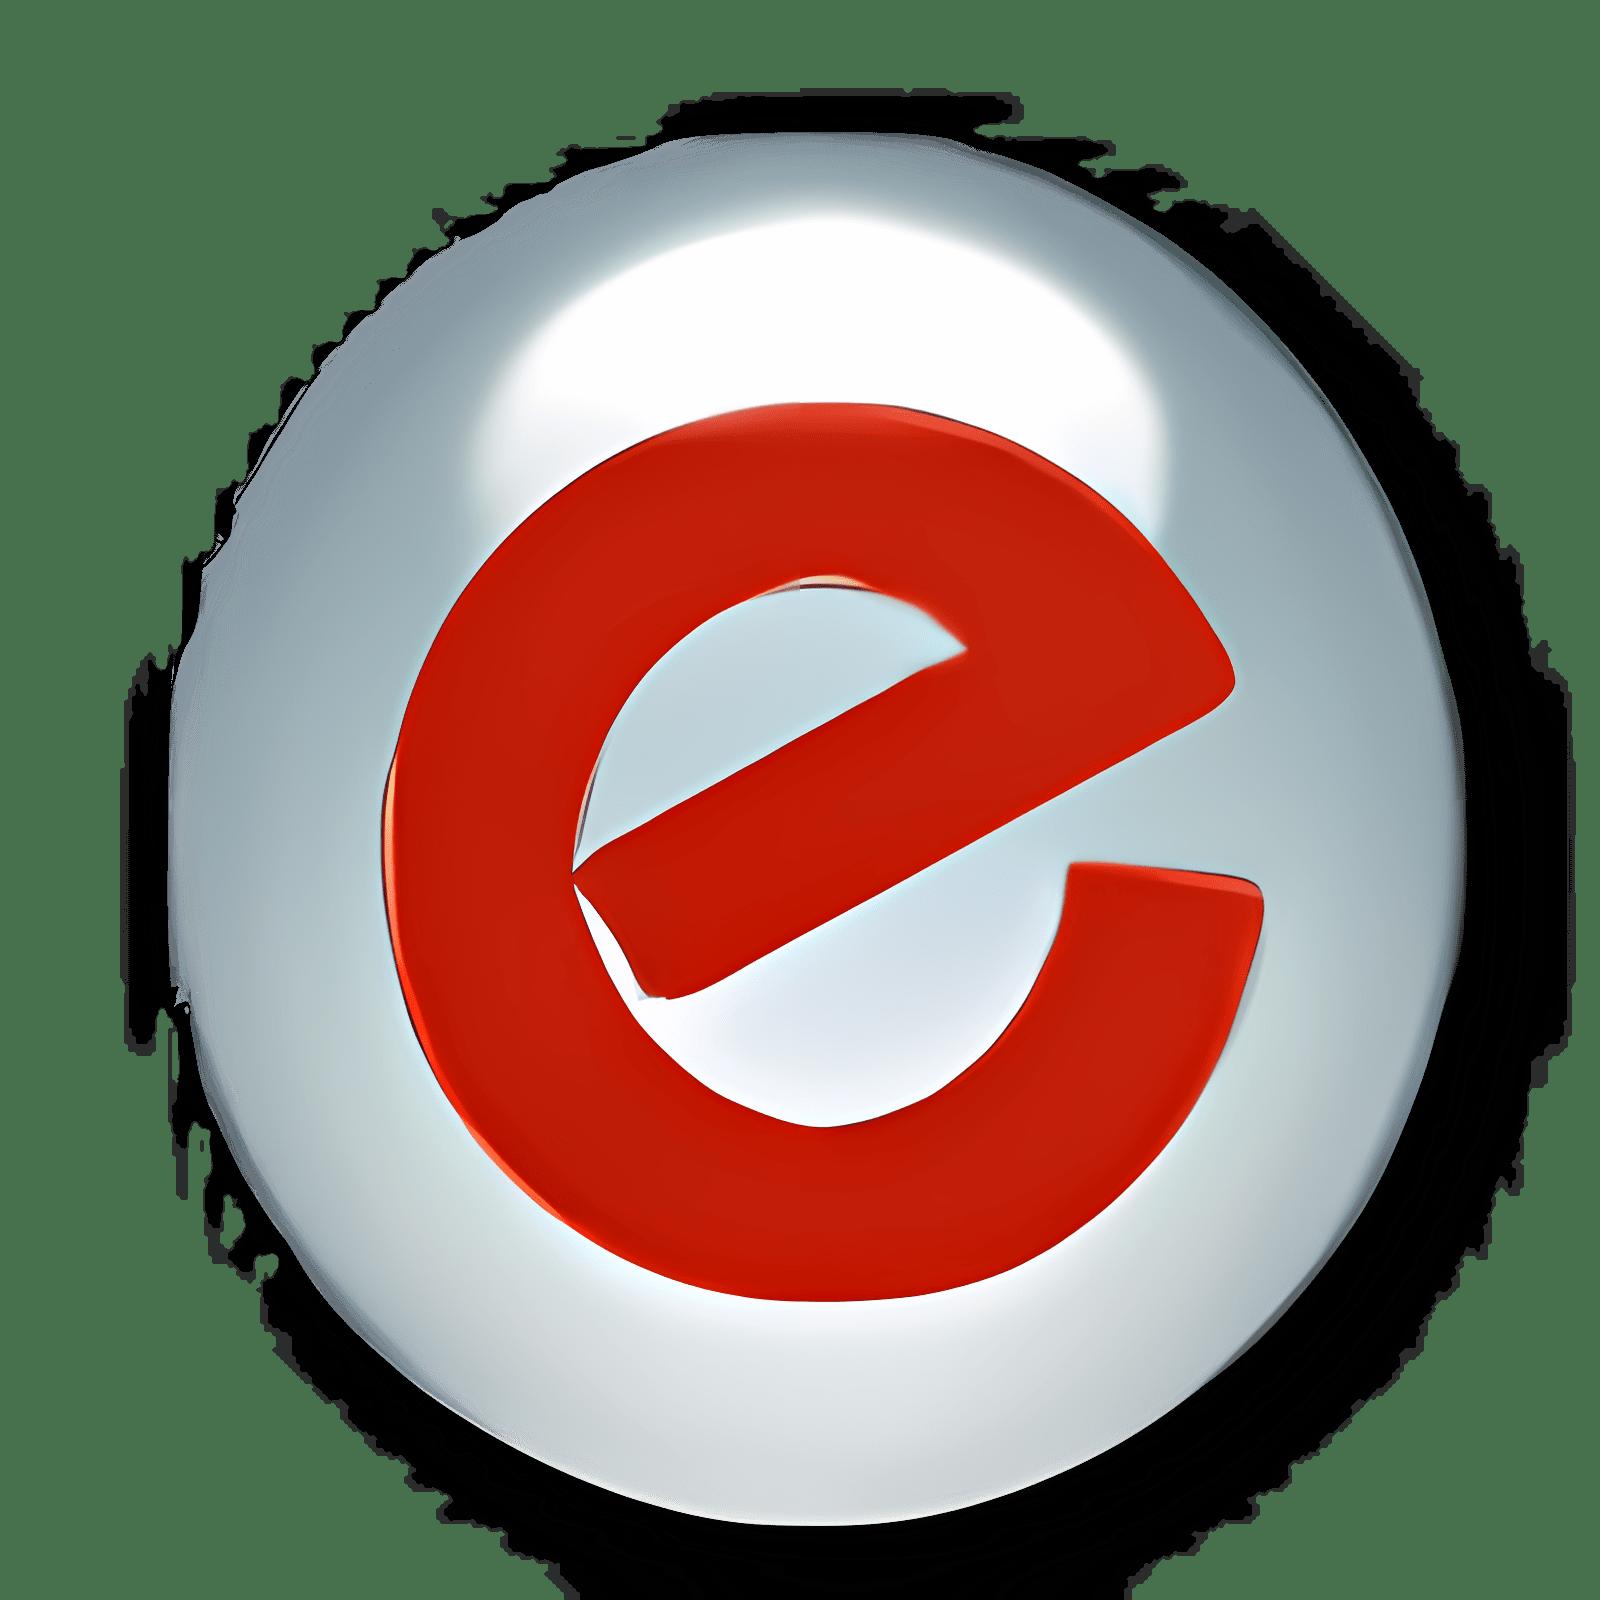 Estractor 4.0.71